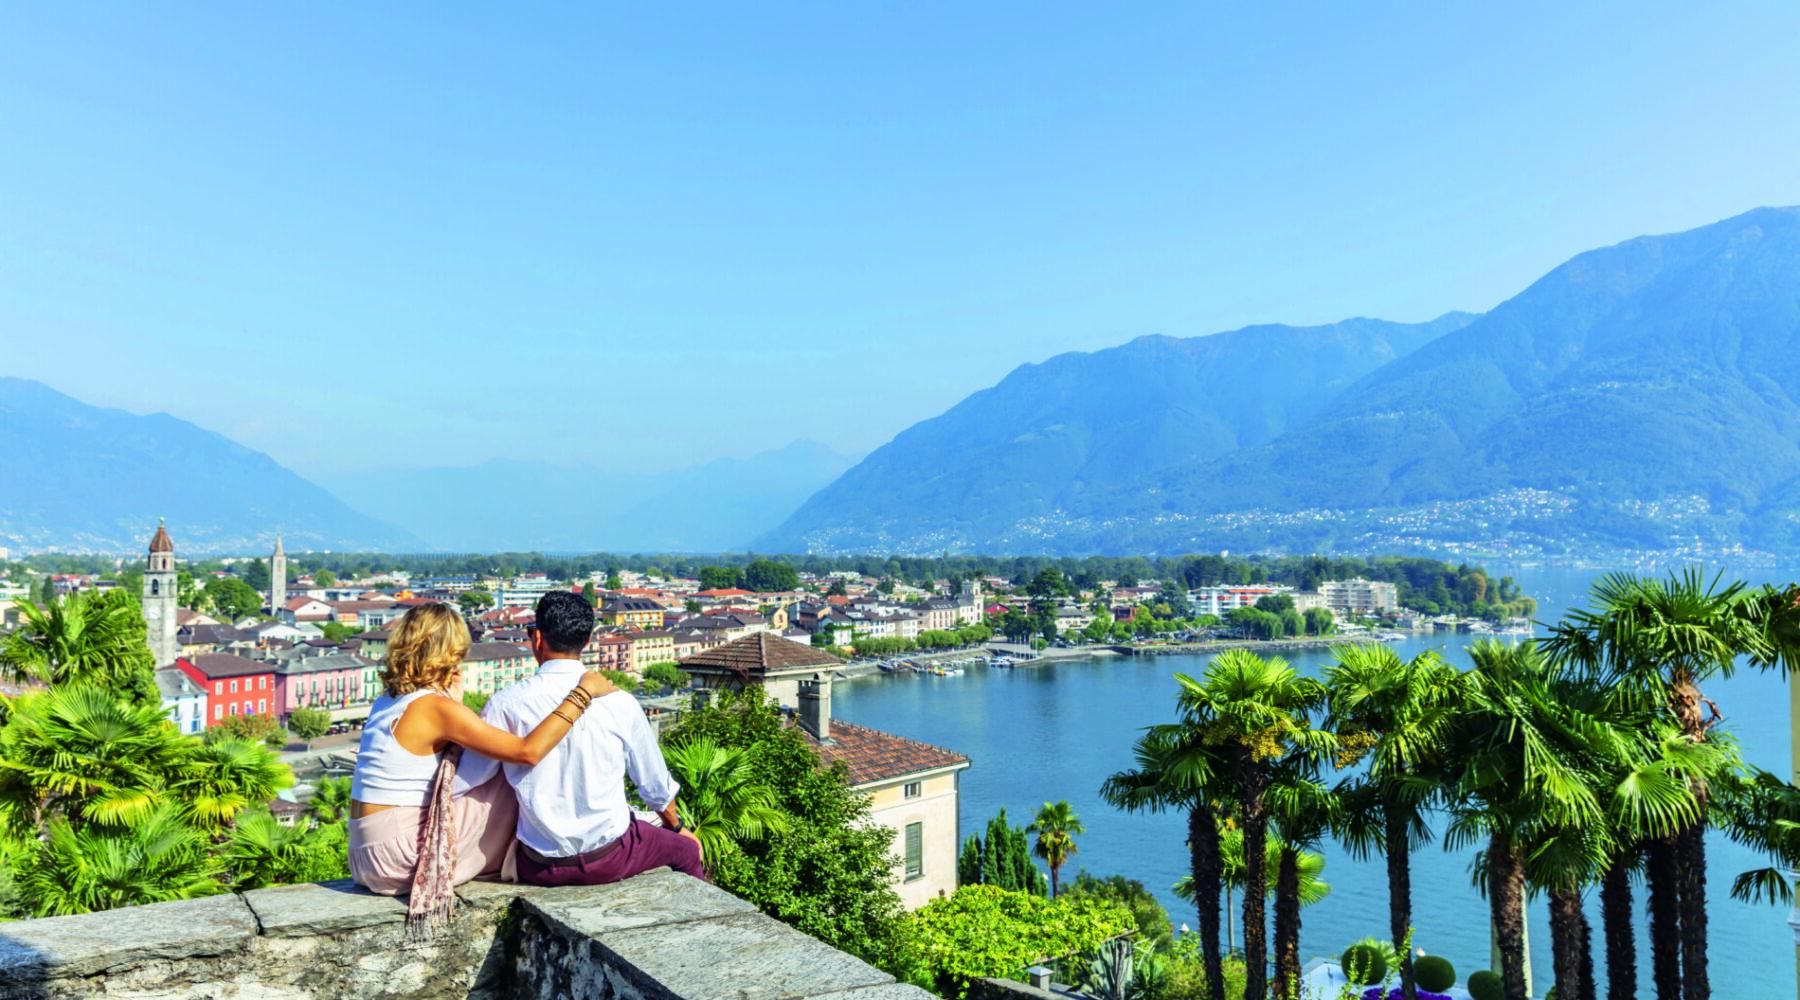 Ascona - panoramica - 1 (© Ascona-Locarno Tourism - foto Alessio Pizzicannella)